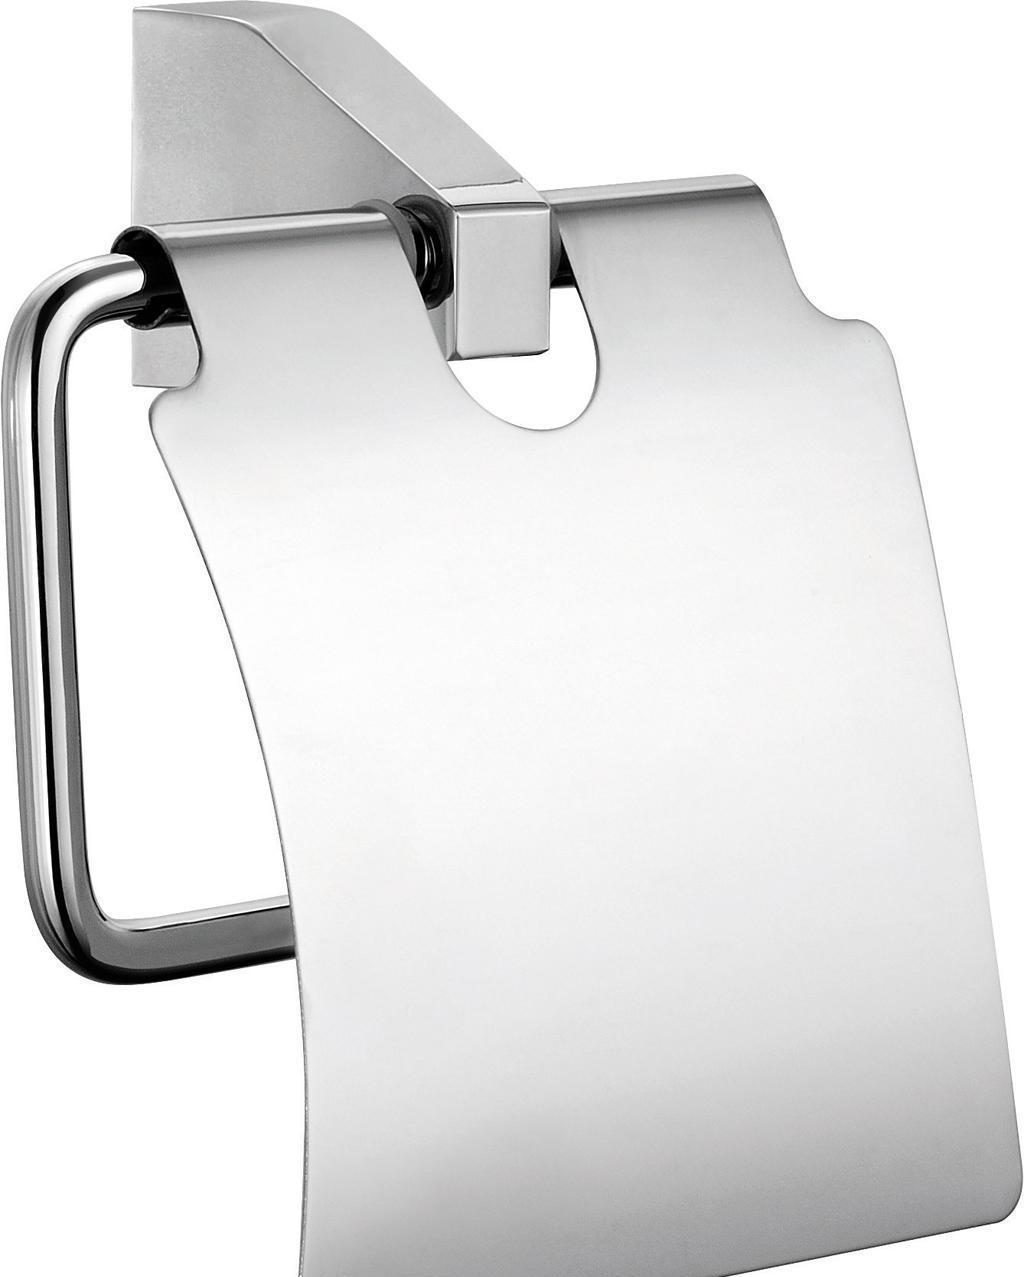 鹰卫浴厕纸架EC-6002.01EC-6002.01